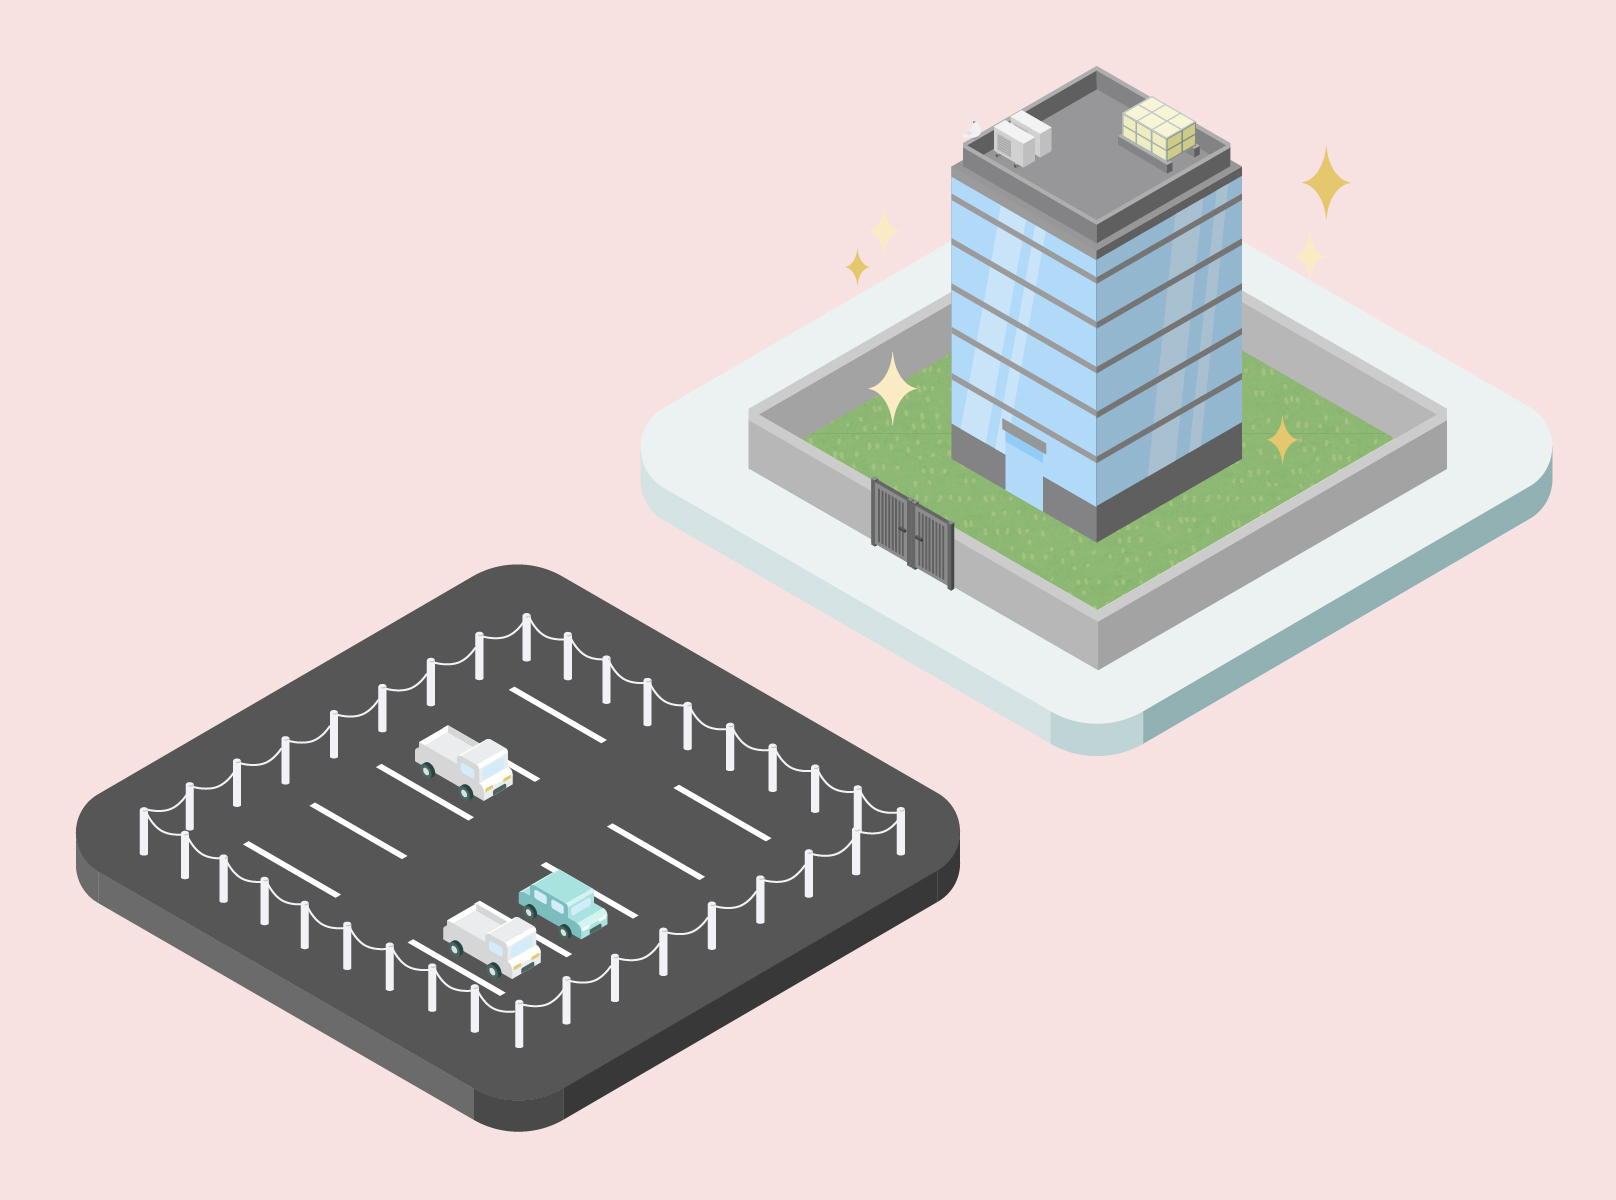 右側部分では綺麗なオフィスビルが建っており、左側部分では駐車場があるイメージ